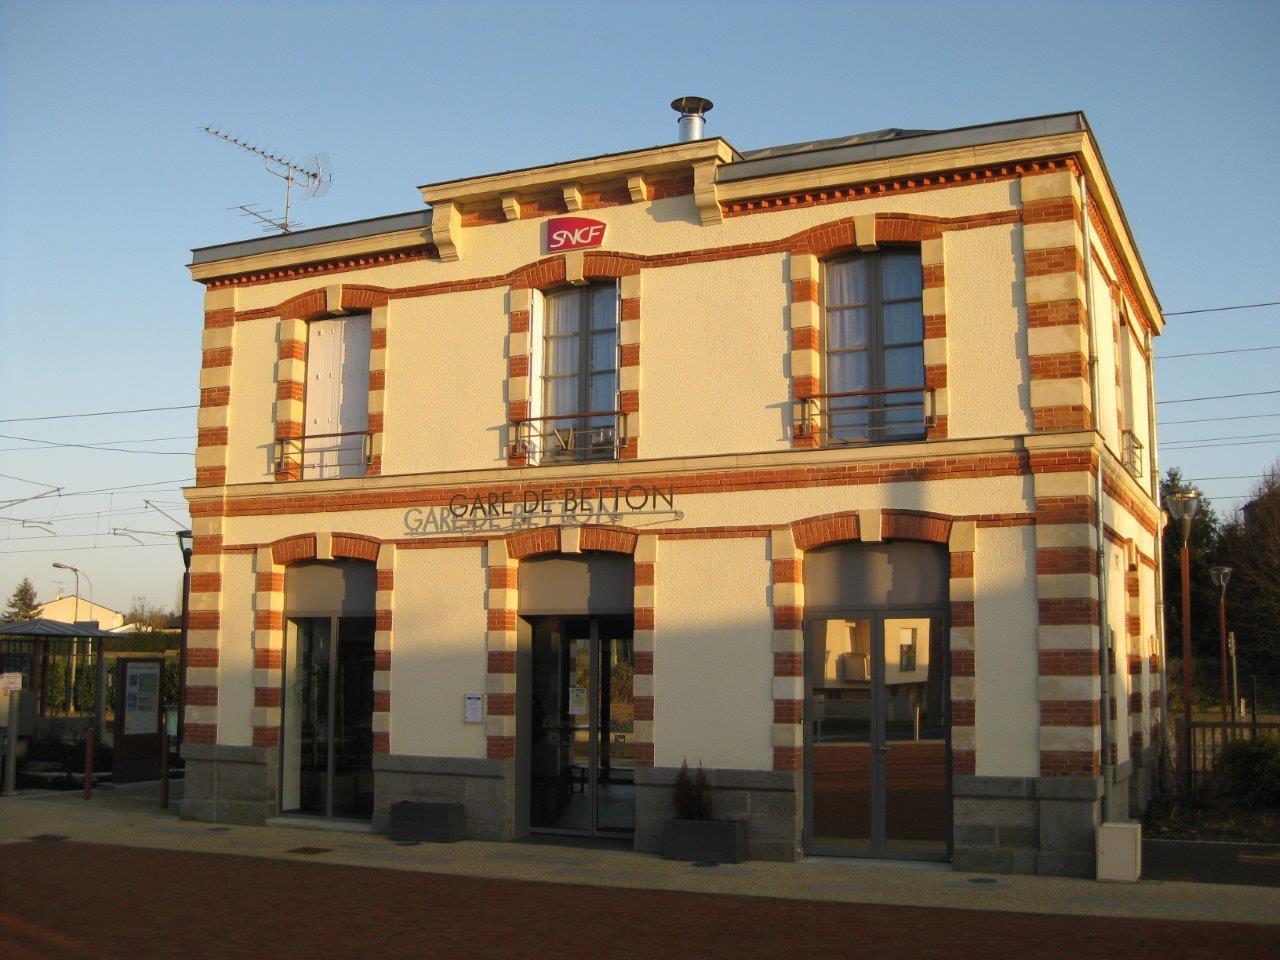 gare-de-betton-train-station